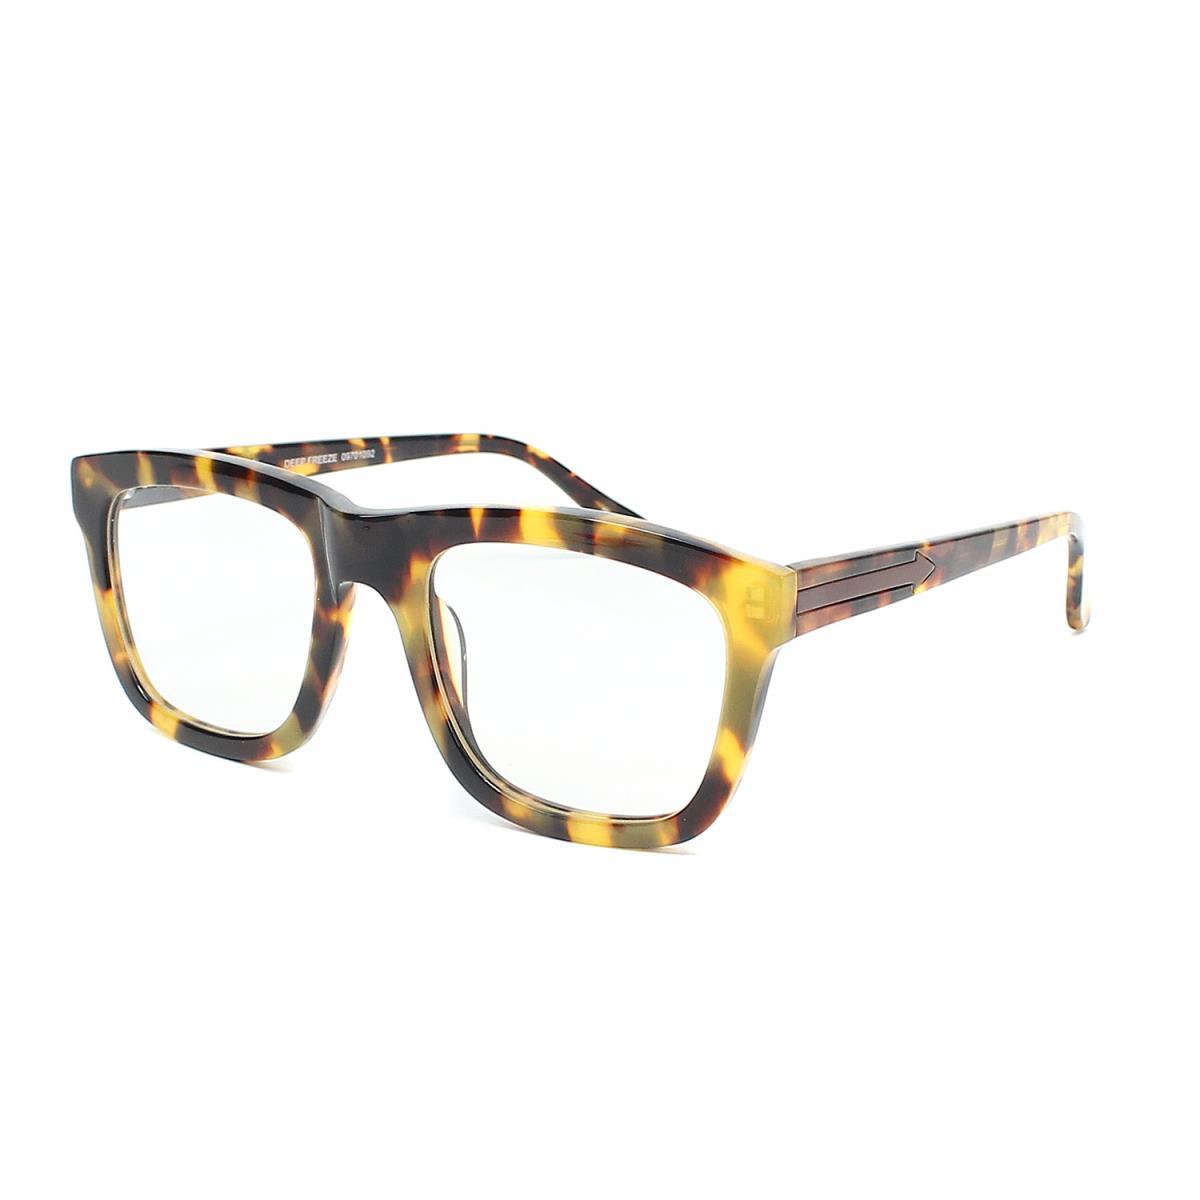 4f0869fc93b5 KAREN WALKER (pretty Walker) DEEP FREEZE tortoiseshell glasses sunglasses  09701092 beige X dark brown X clear